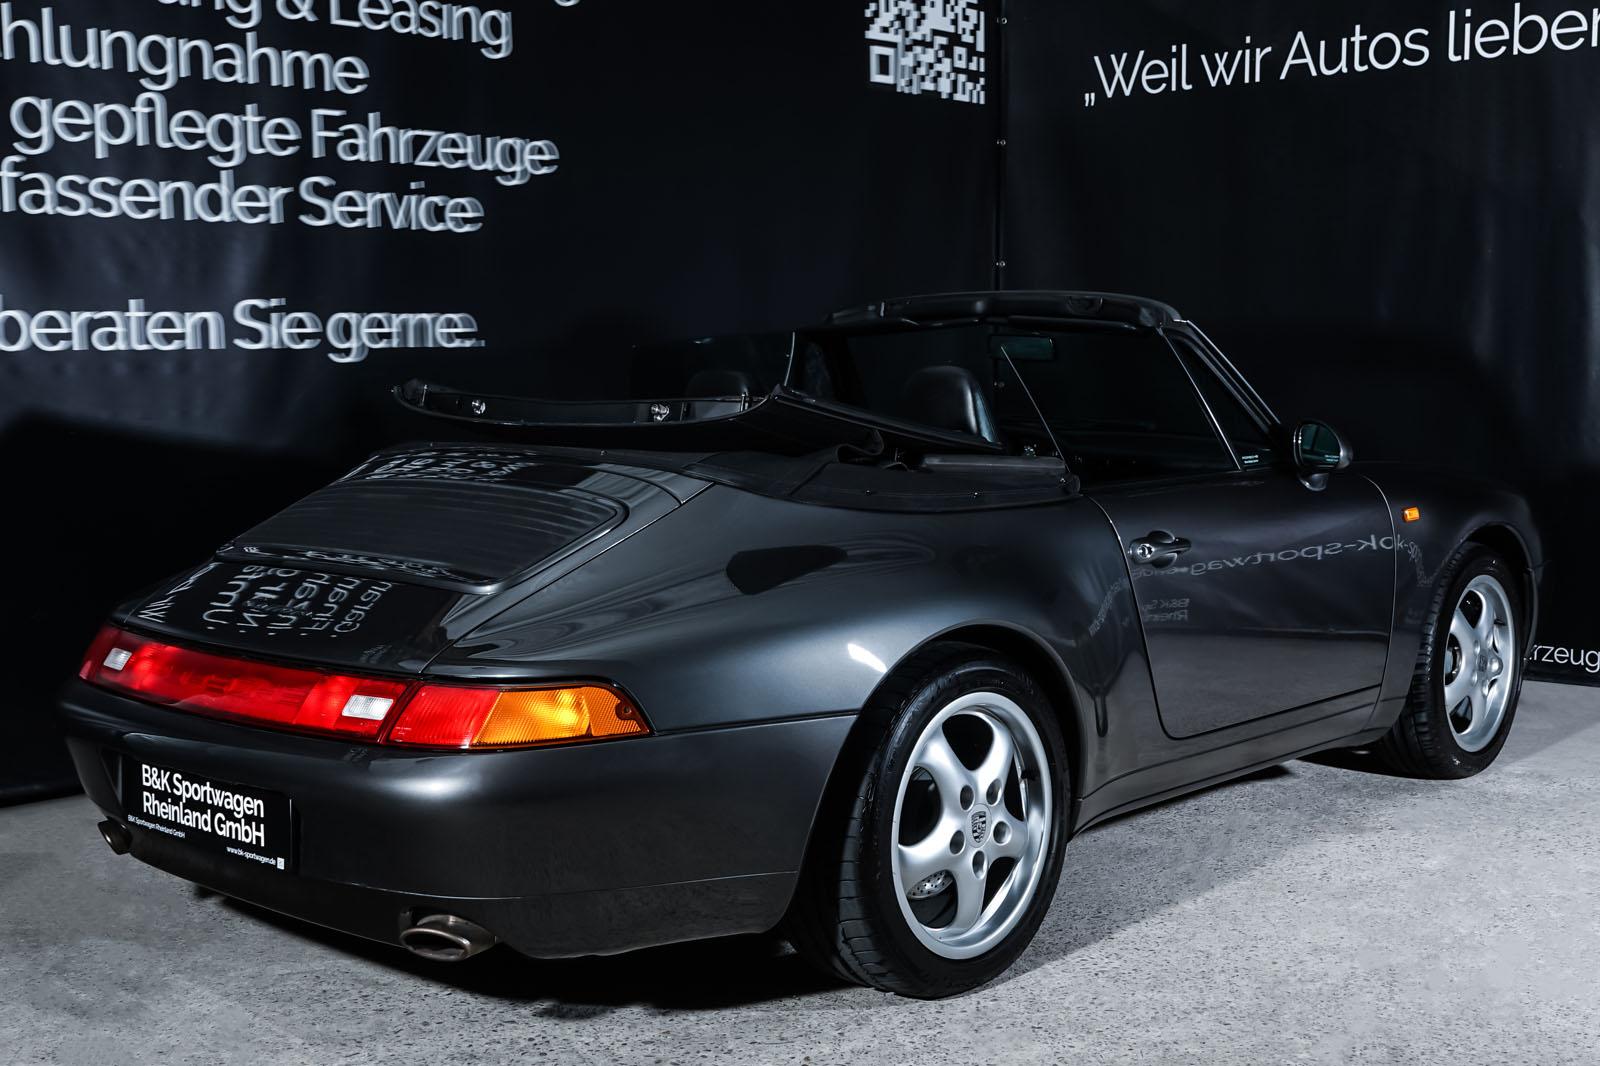 Porsche_993_Carrera_Cabrio_Grau_Schwarz_POR-2375_17_w